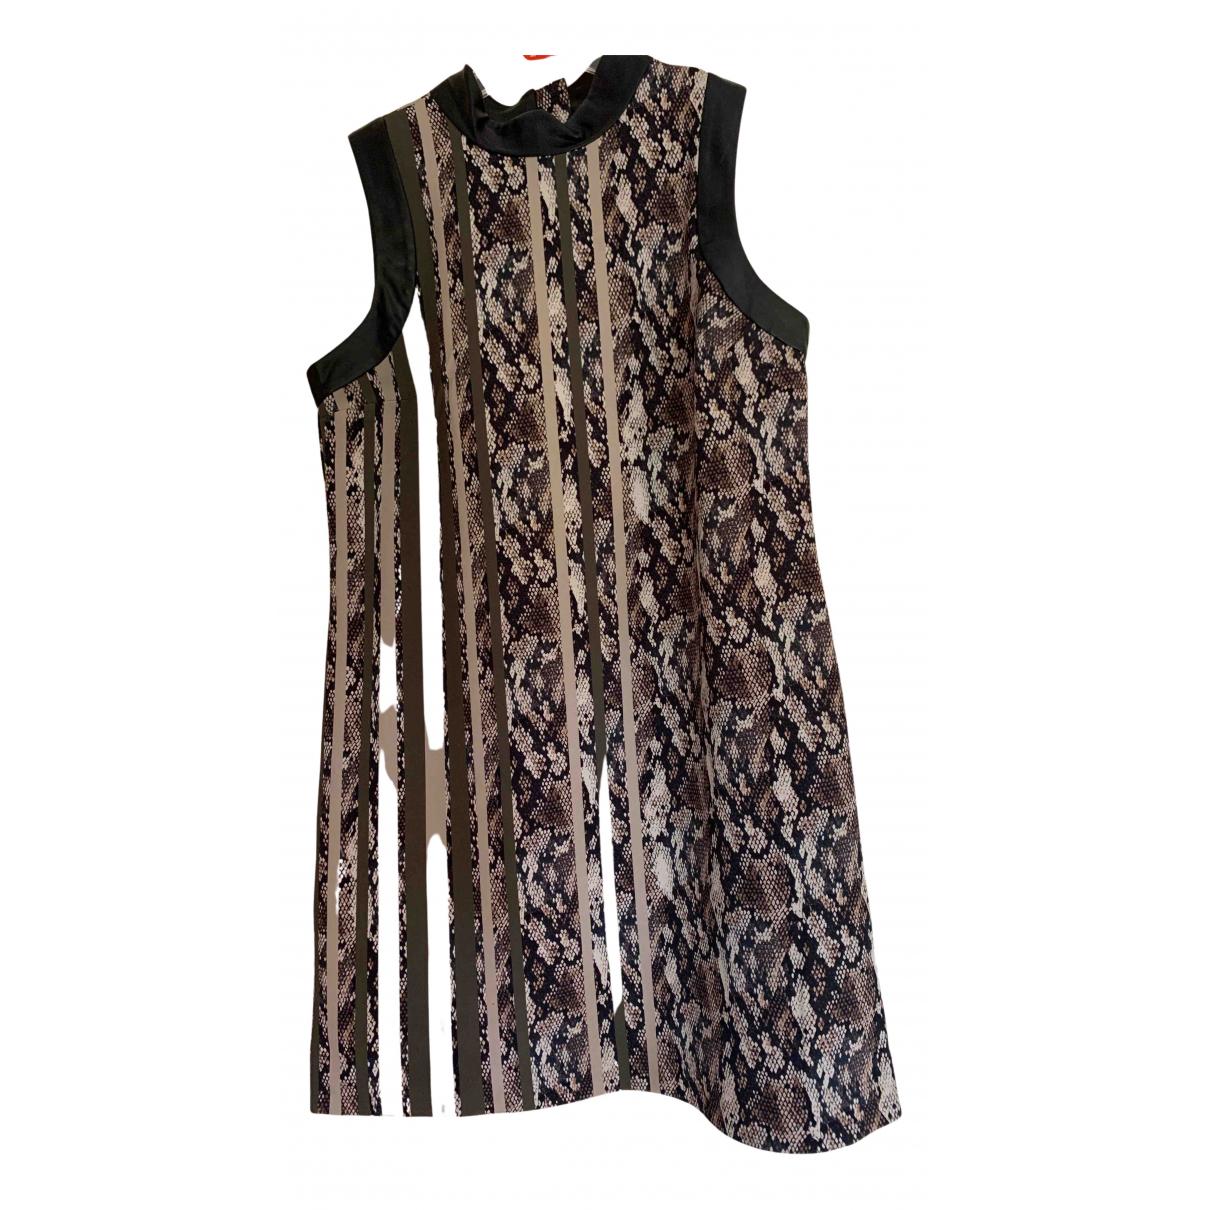 Liu.jo N Multicolour dress for Women 44 IT